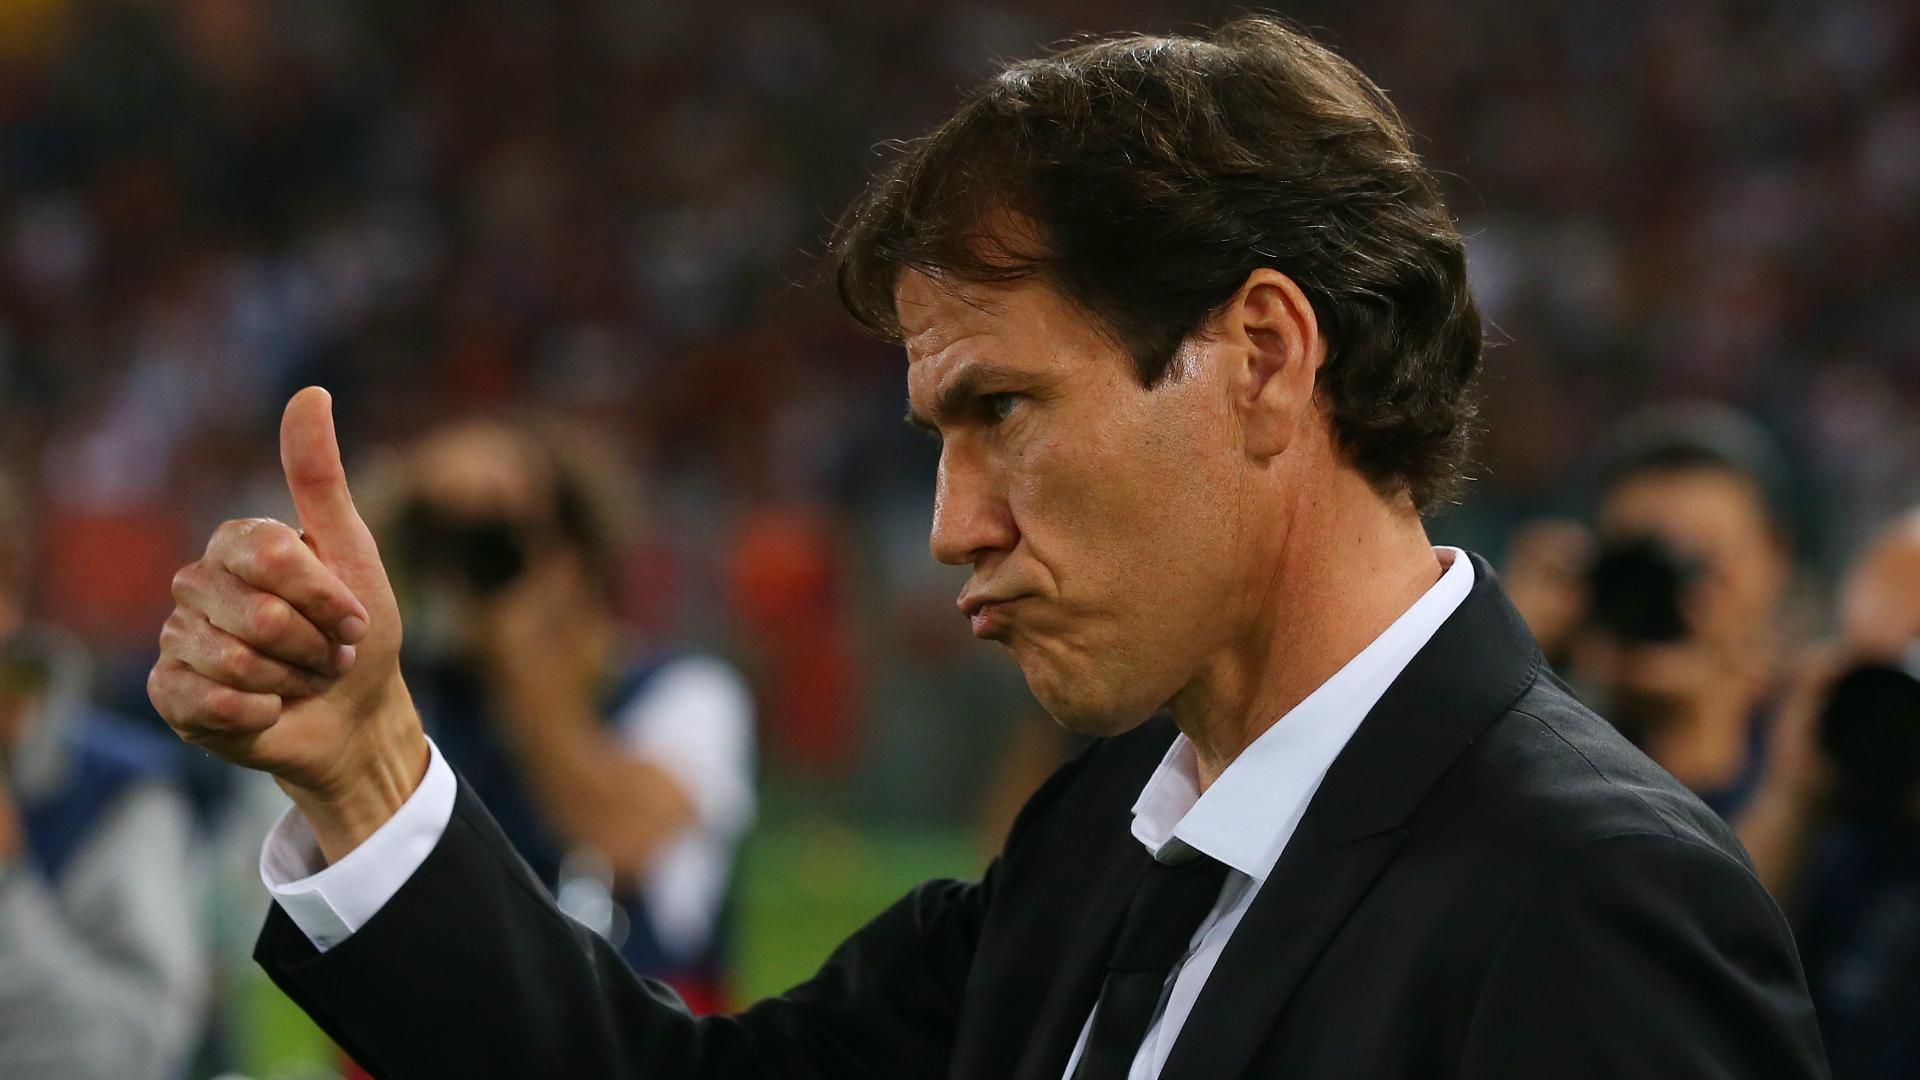 Bravo arbitro, così si fa...sembra dire Rudi Garcia